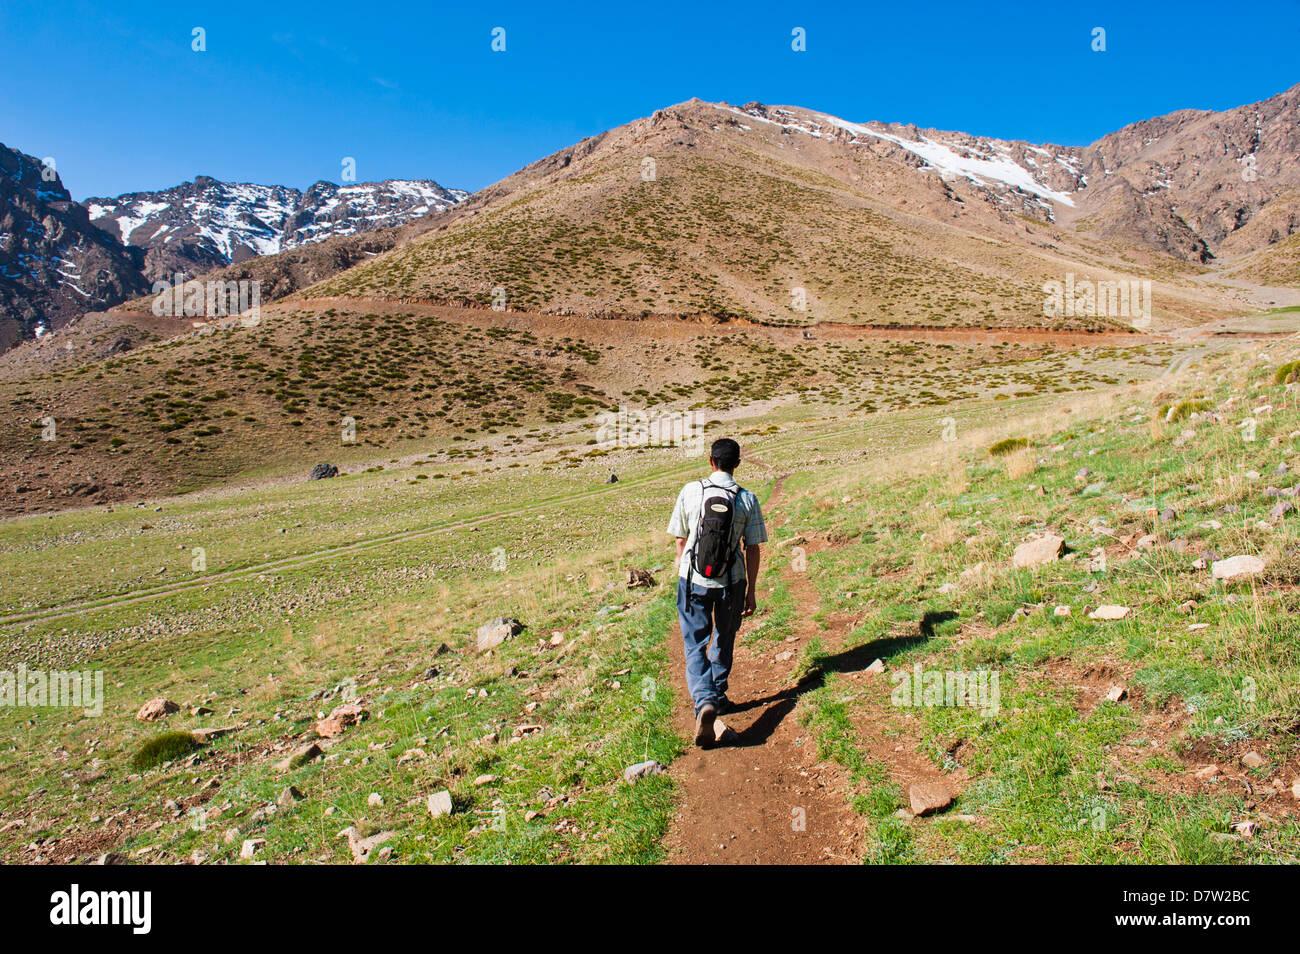 Guía de trekking caminando por la estación de esquí Oukaimeden en verano, las montañas del Alto Atlas, Marruecos, Foto de stock